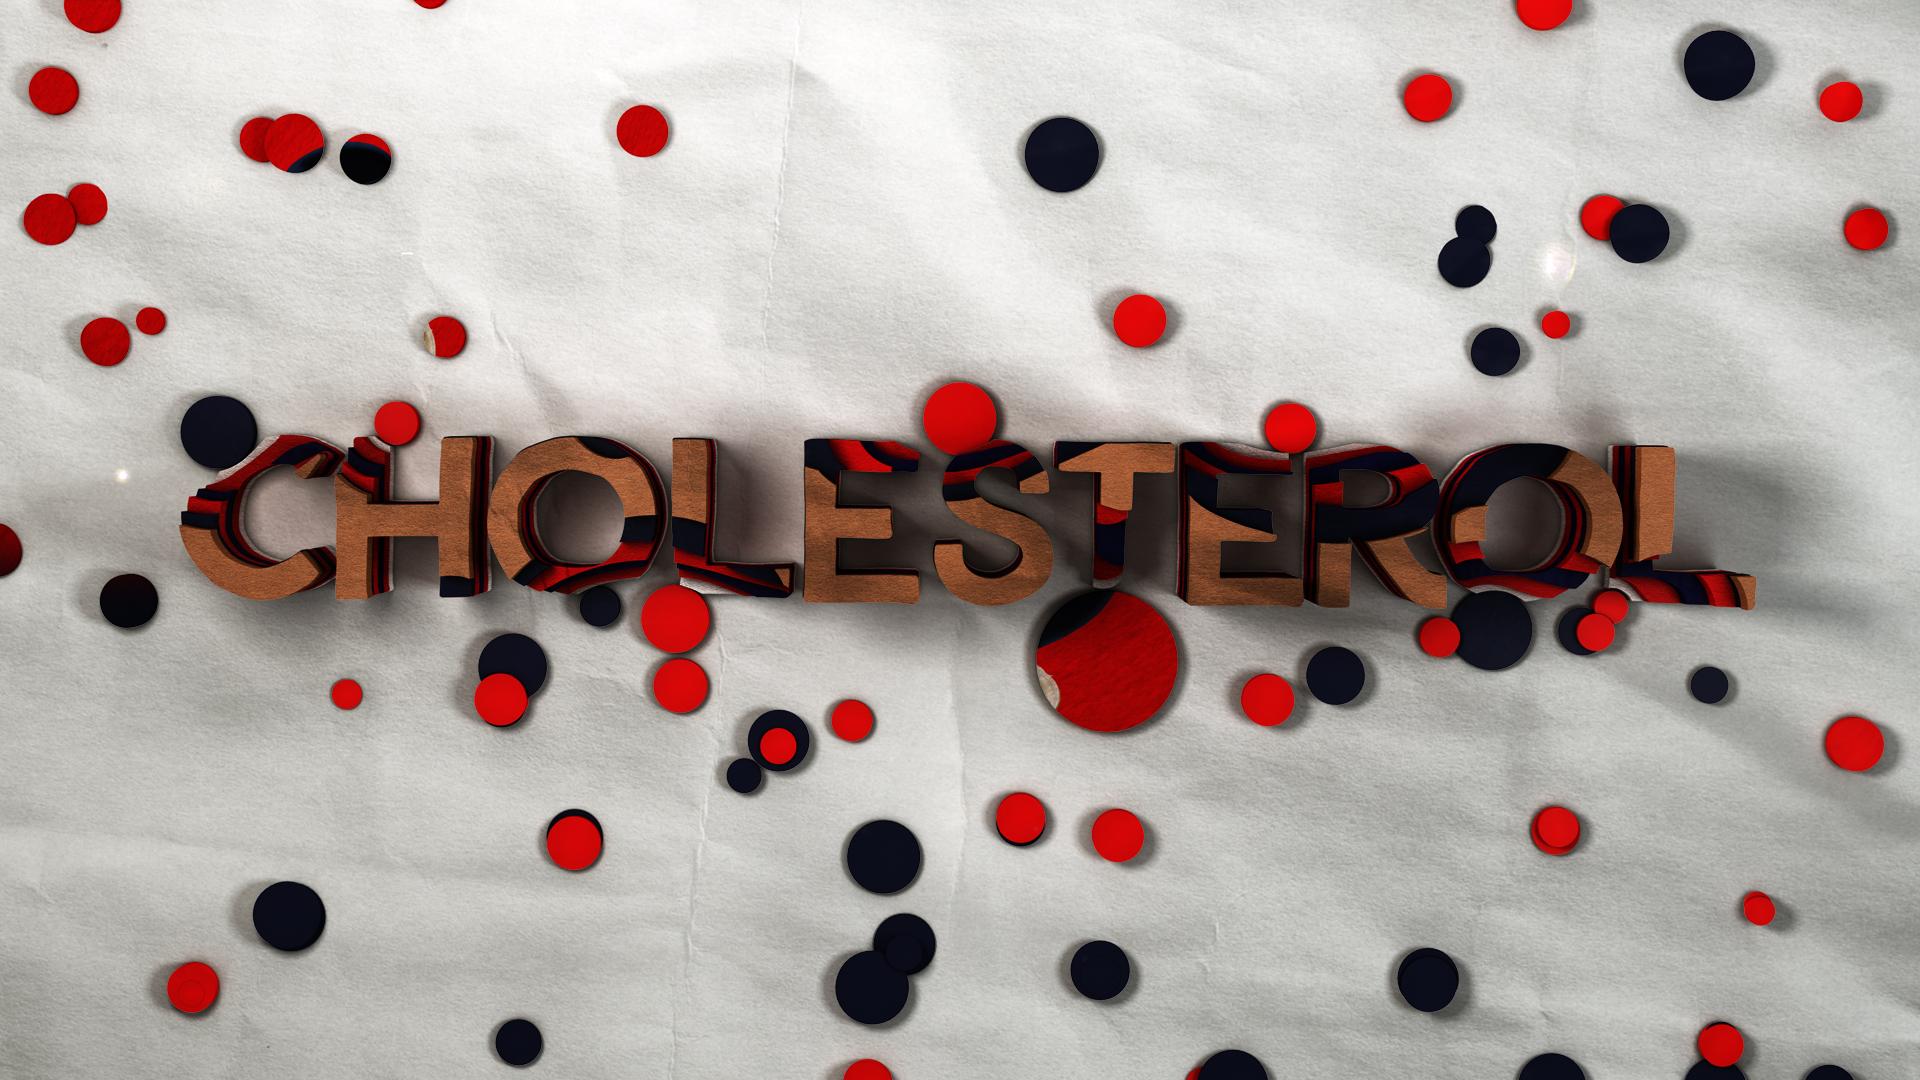 Quaker_Cholesterol_A03_v002.jpg